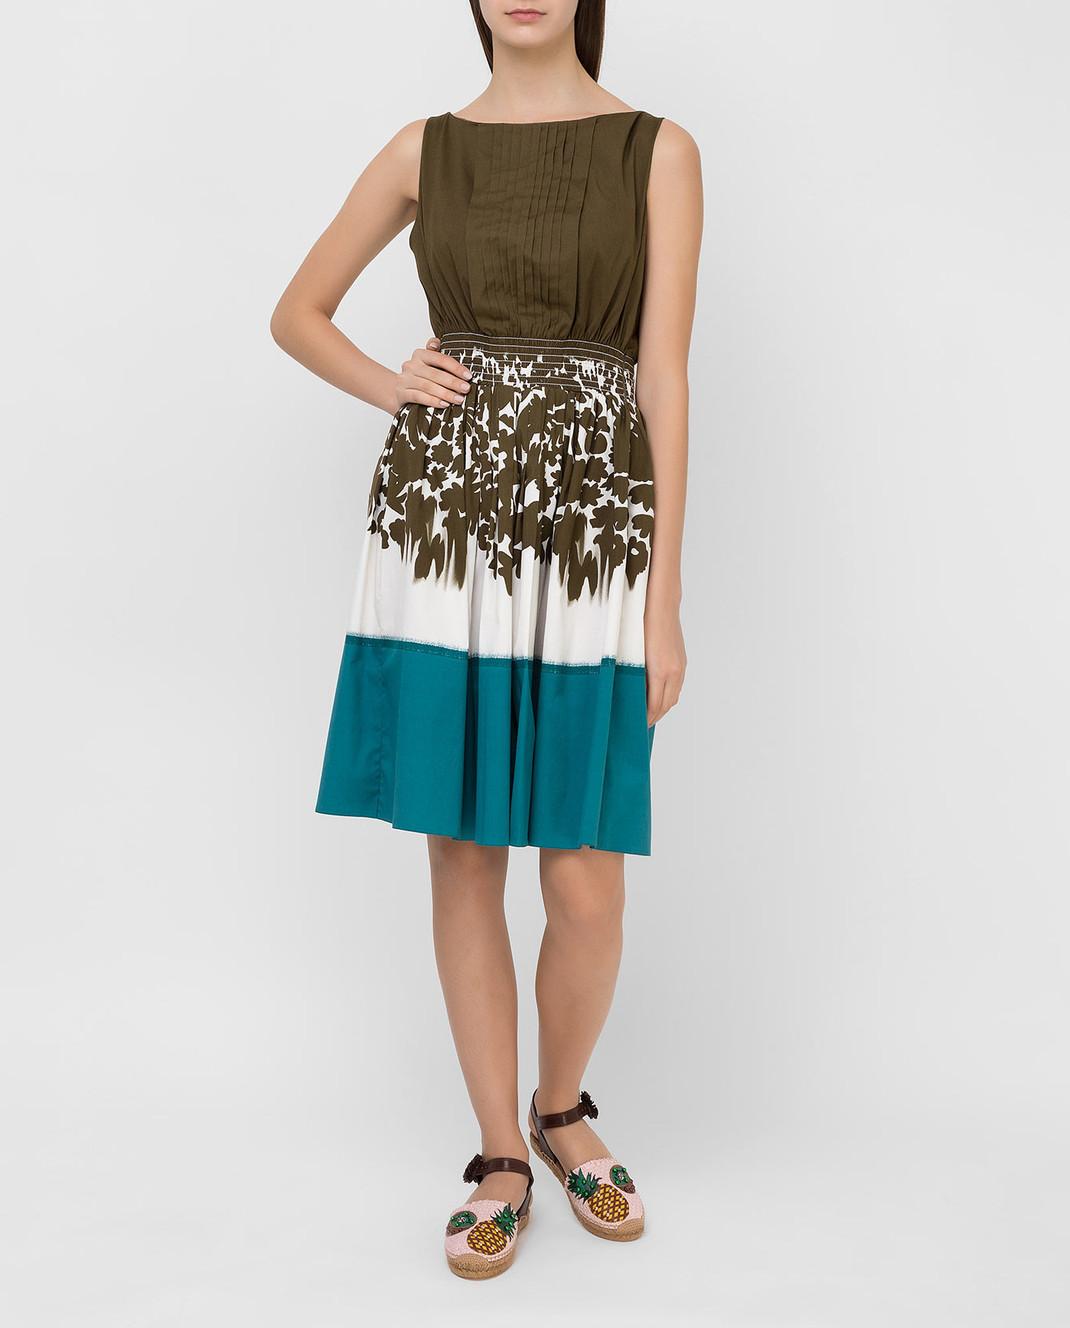 Prada Зеленое платье P32U7R изображение 2